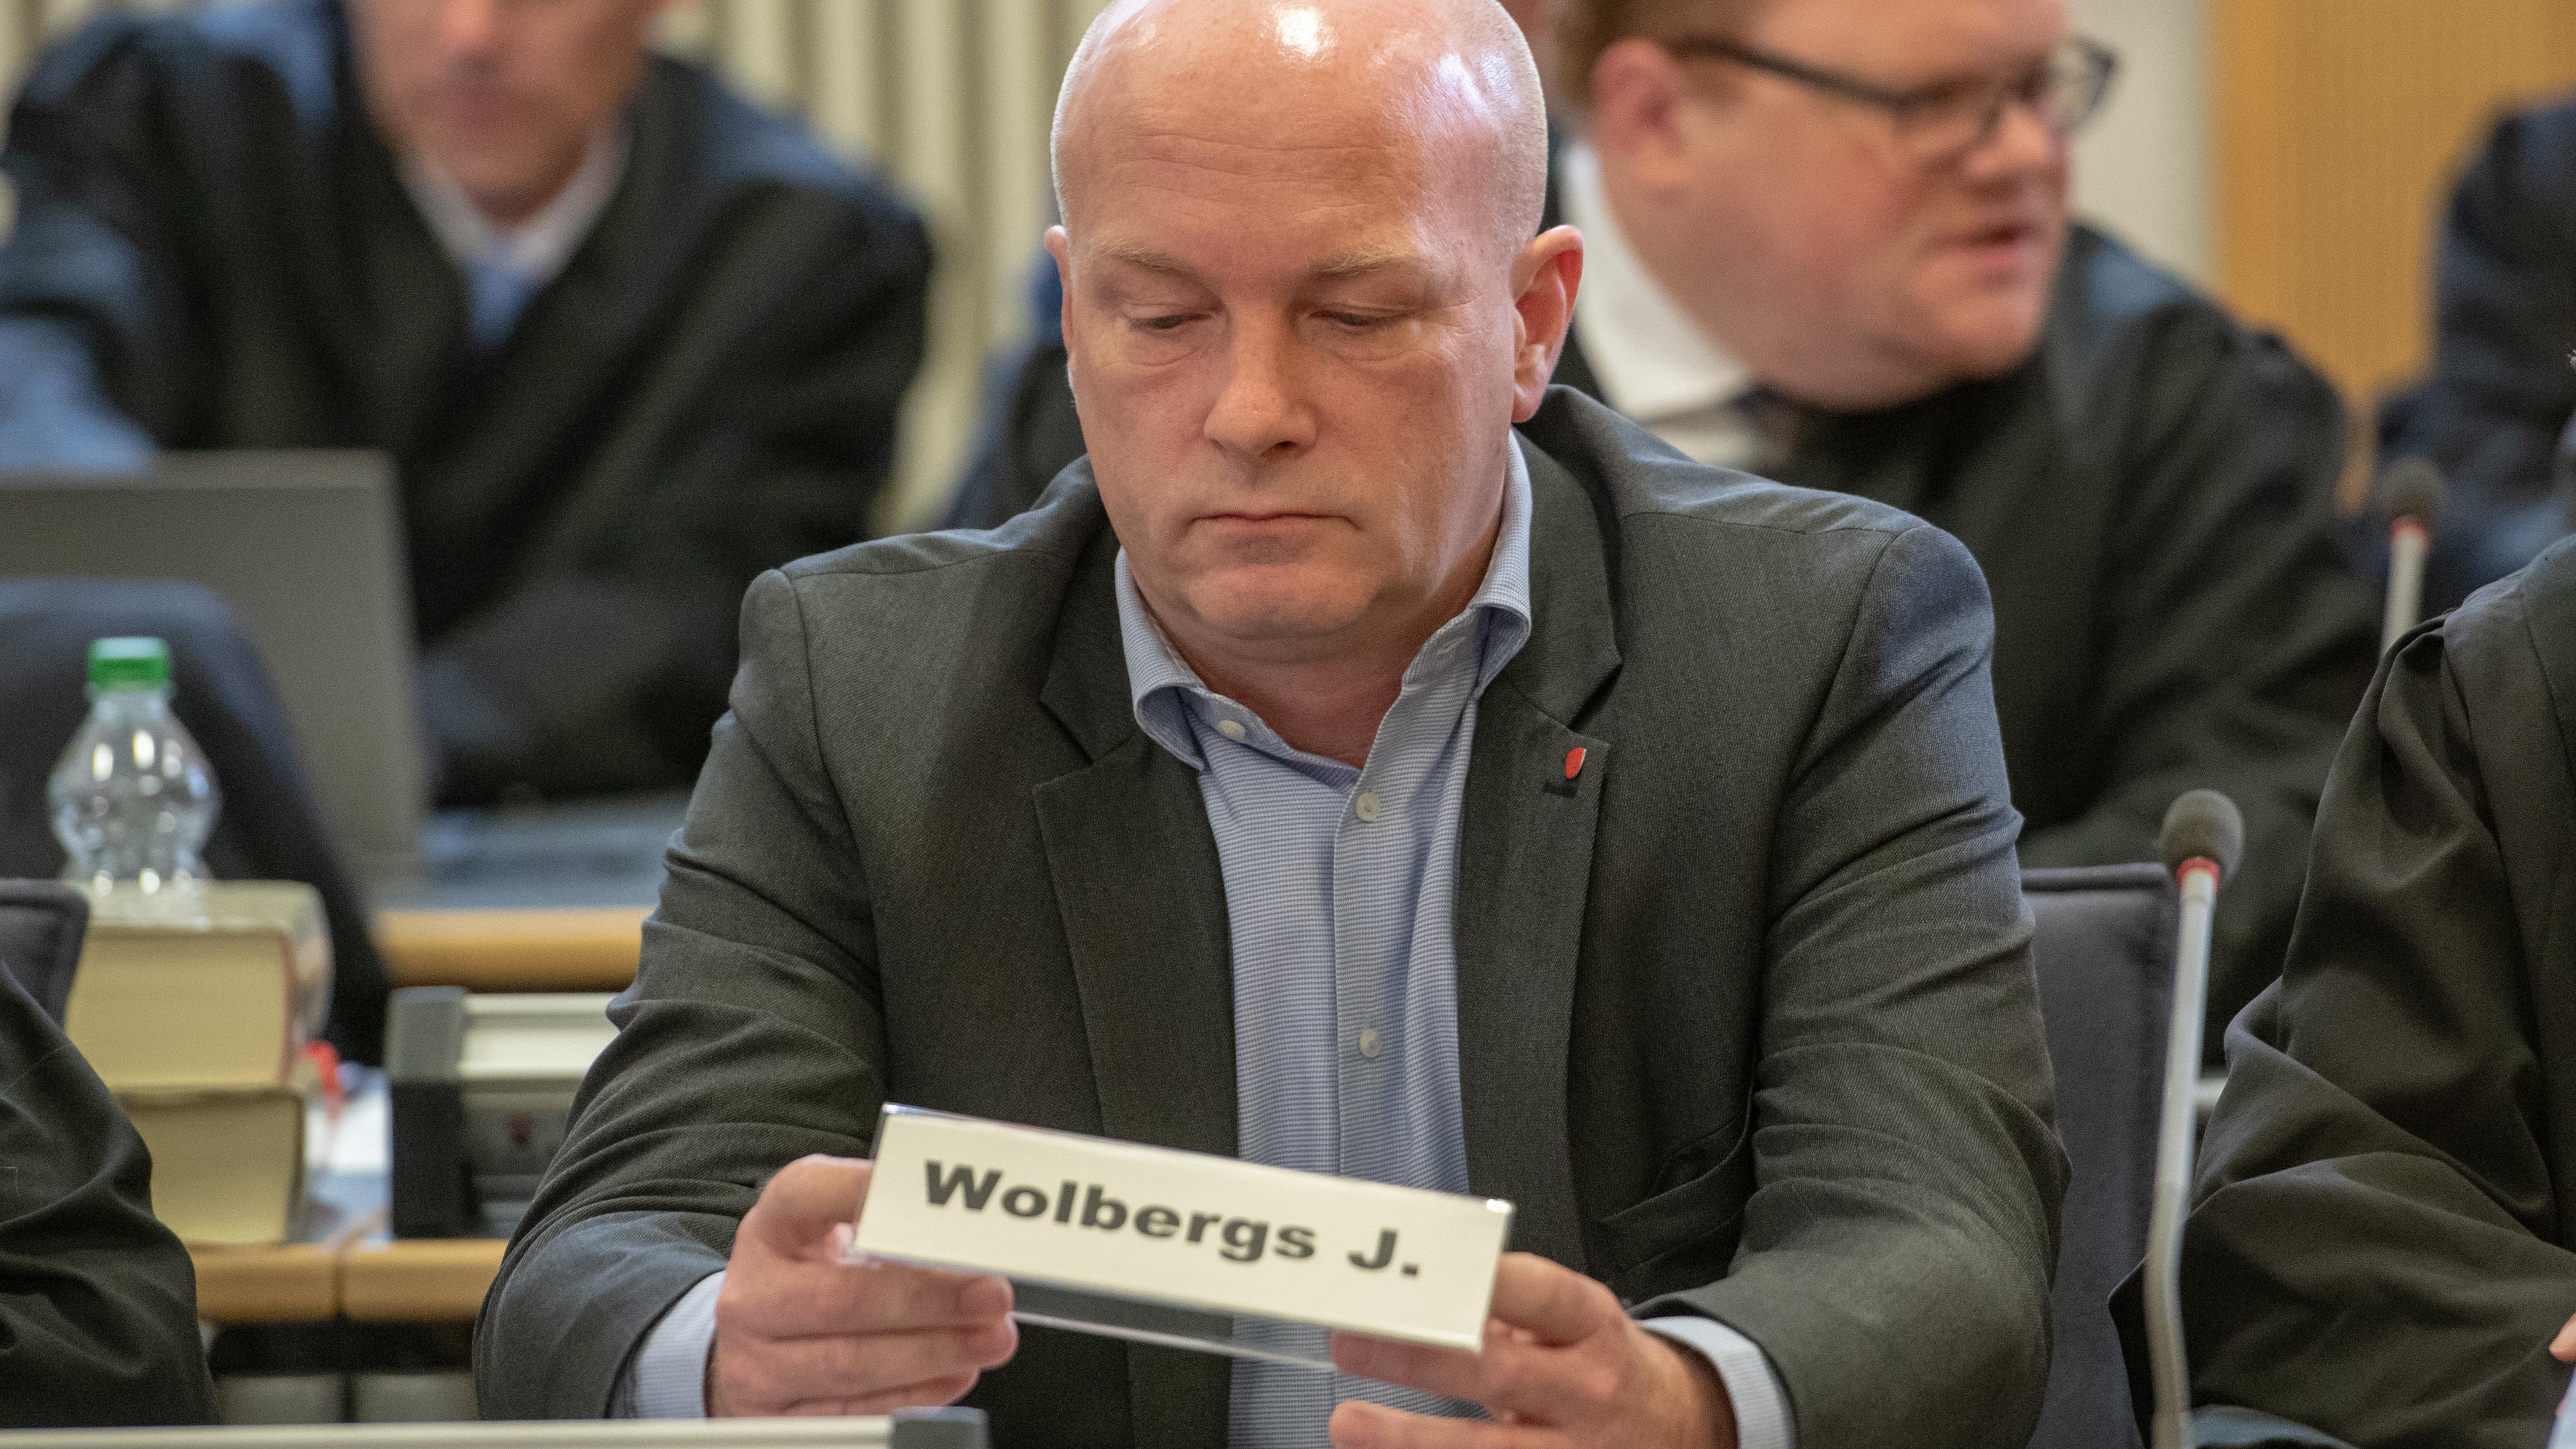 Joachim Wolbergs hält im Landgericht Regensburg sein Namensschild in Händen